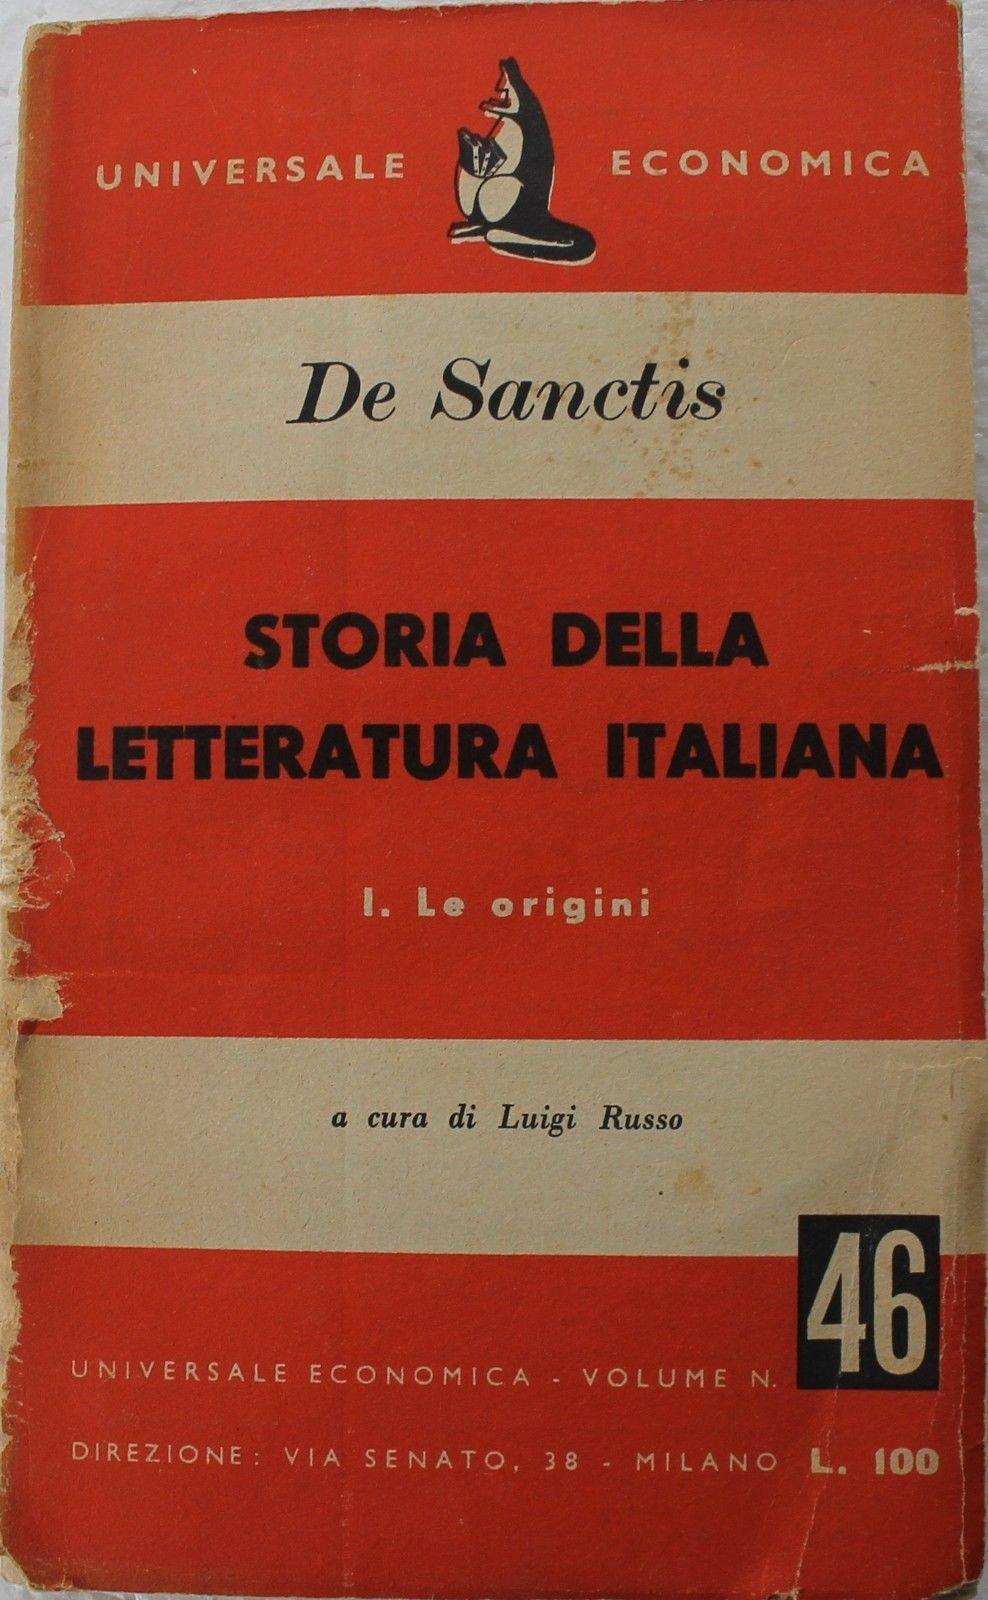 Storia della letteratura italiana. I. Le origini,Francesco De sanctis,Universale economica